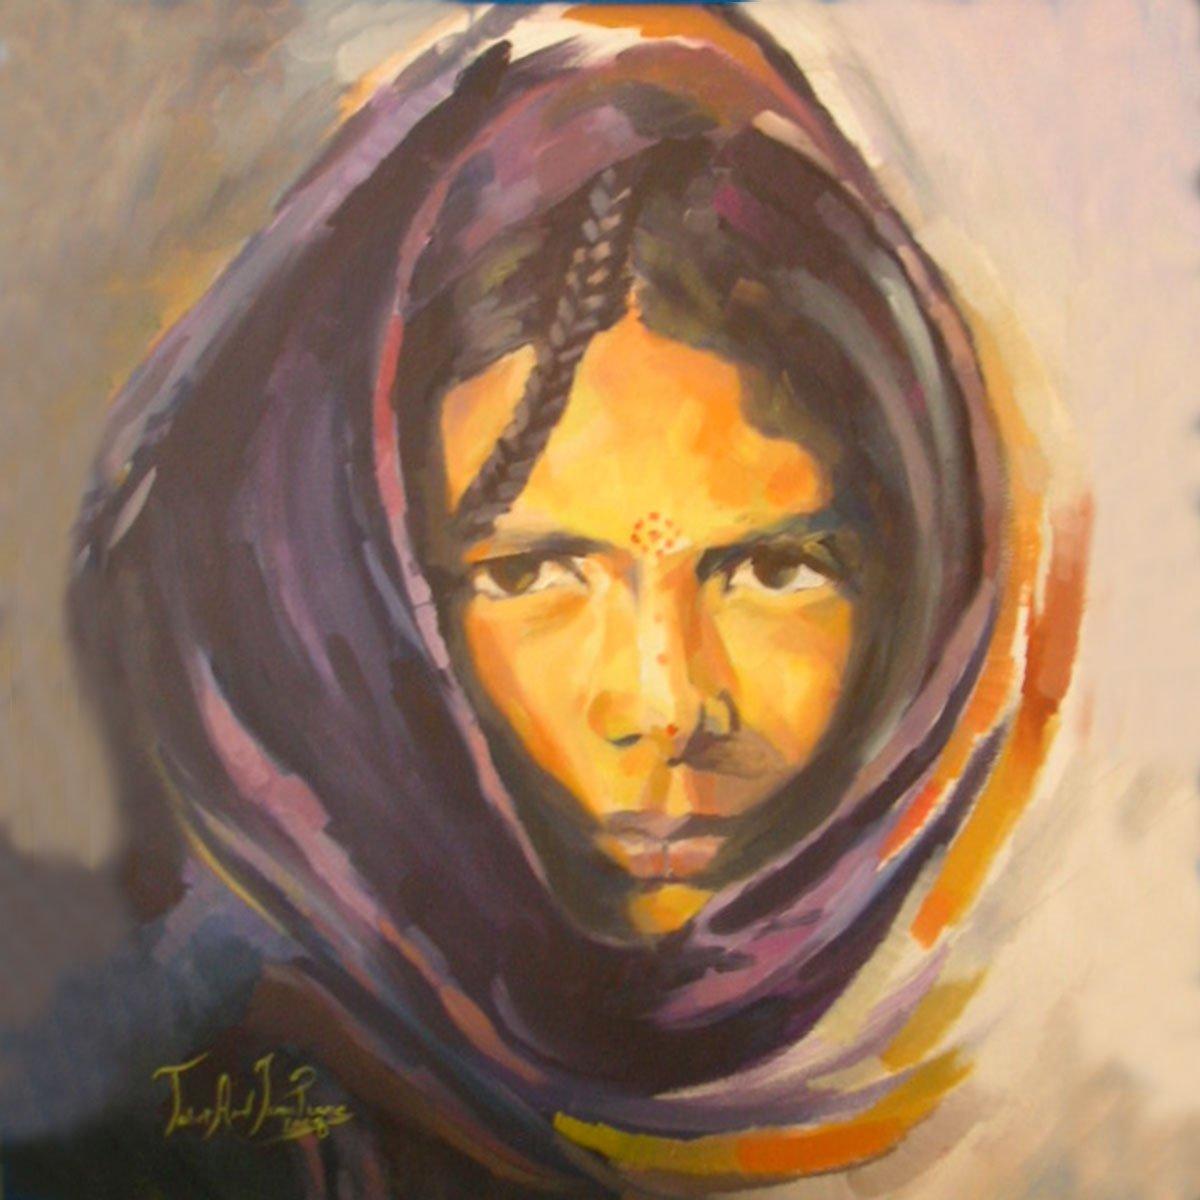 tableau femme berbère algerie ismahane tabet aoul portrait fashion photographer